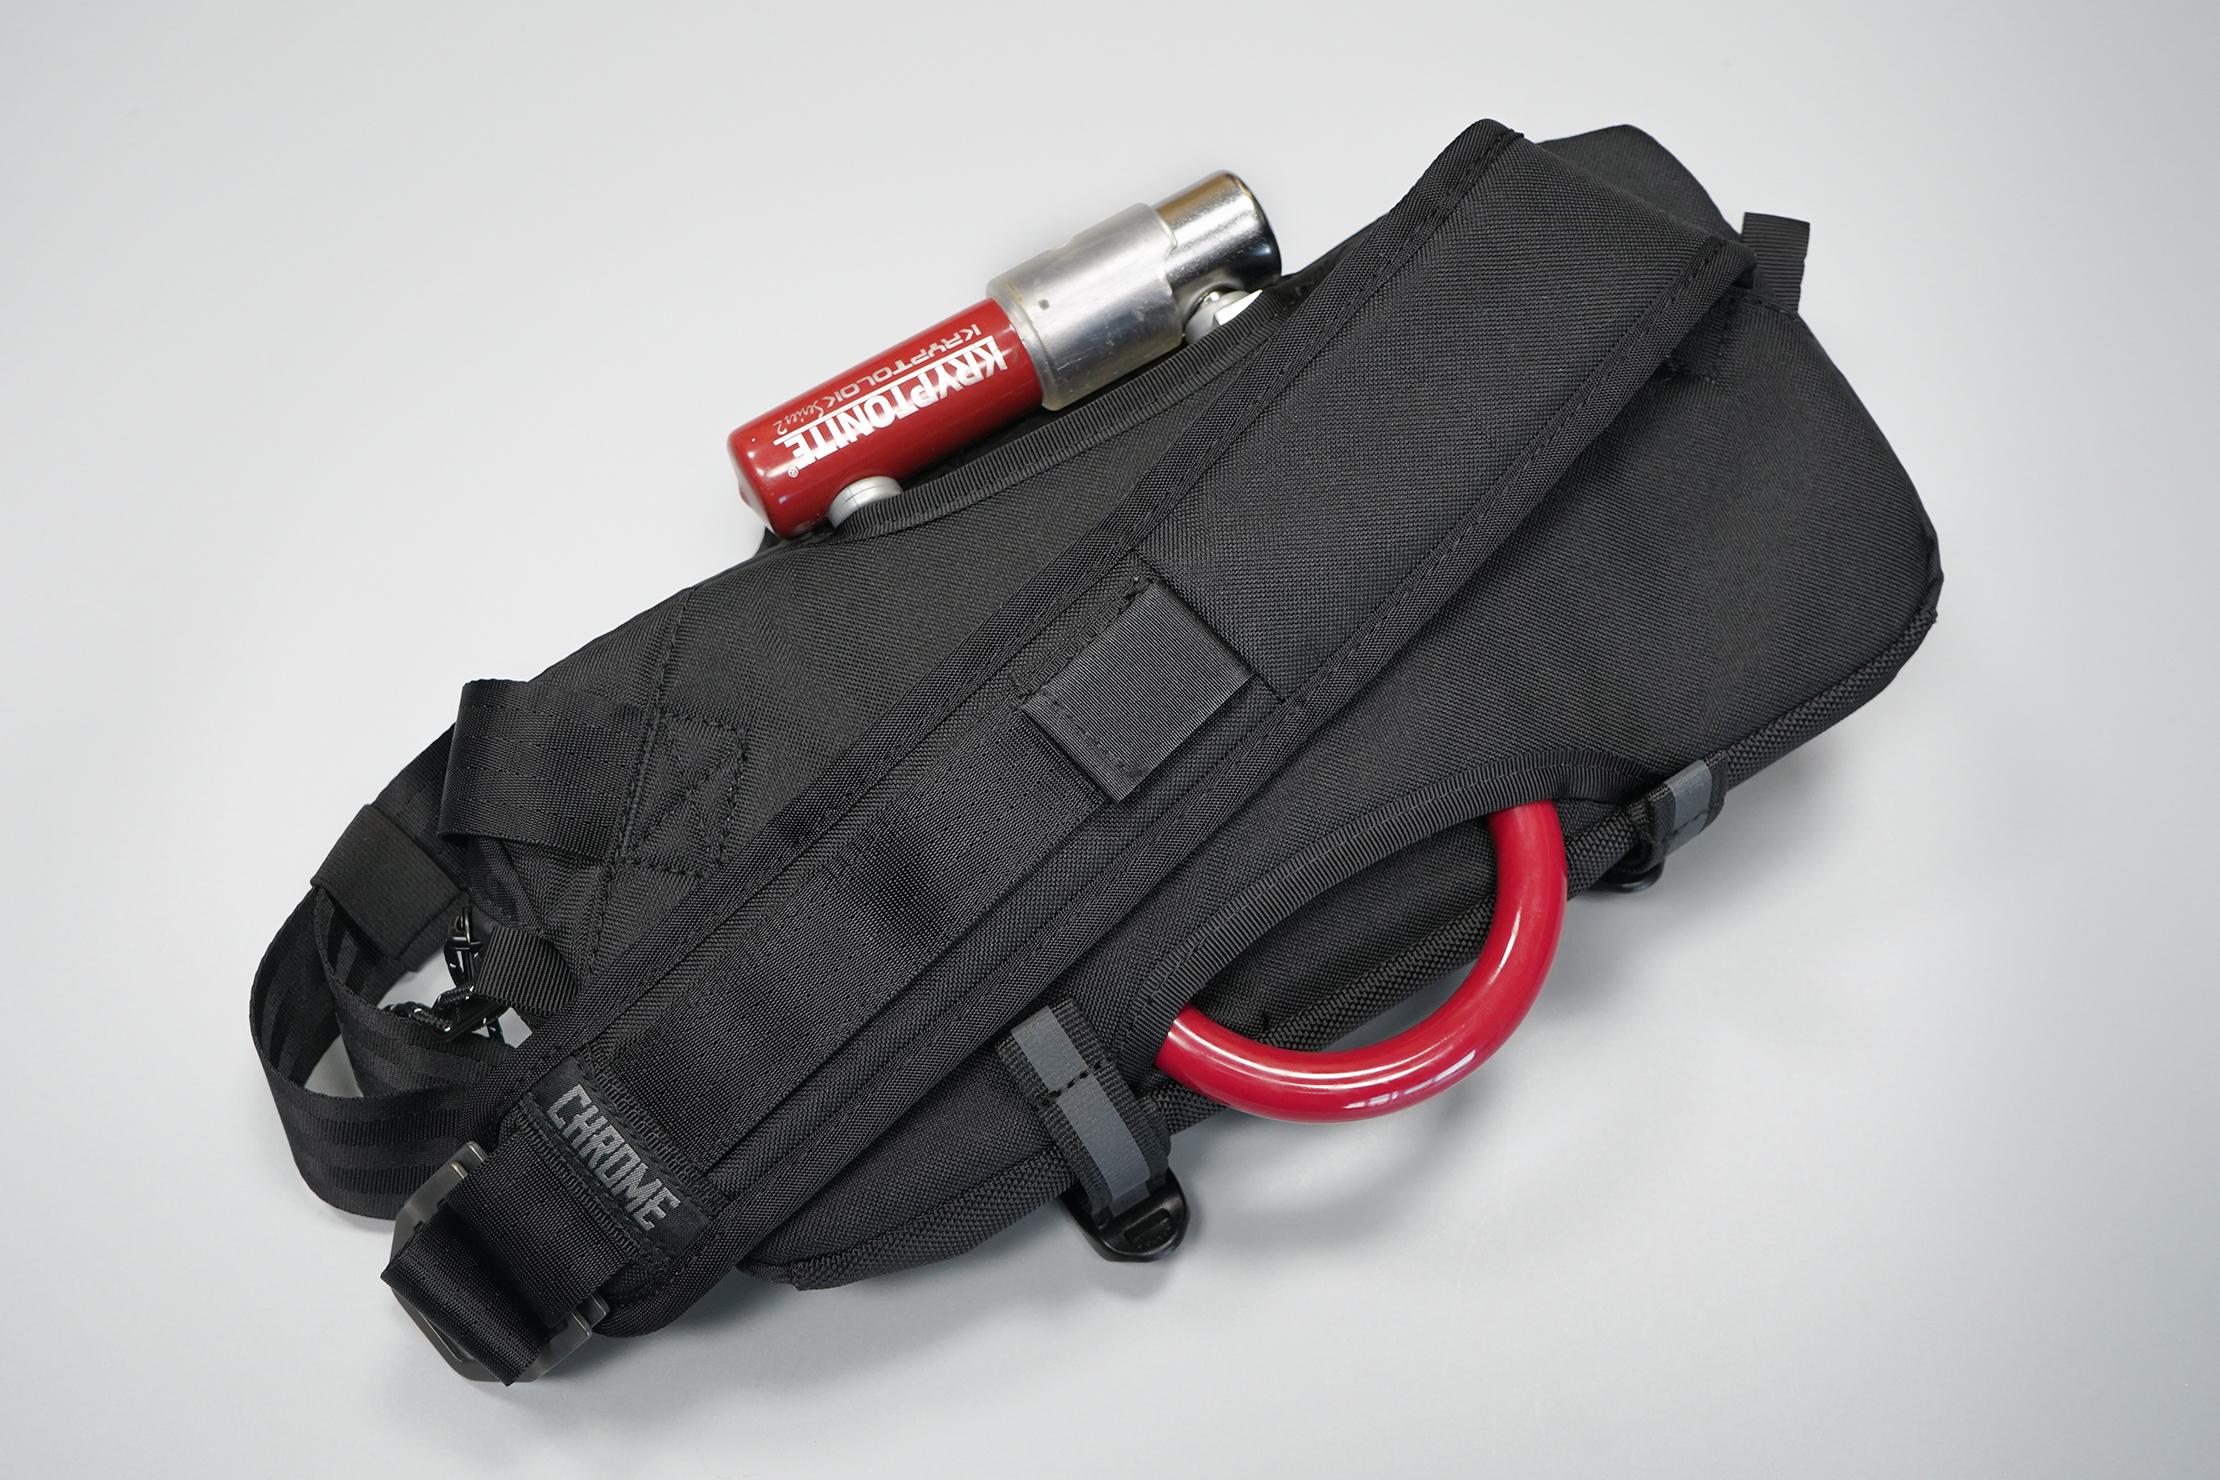 Chrome Industries Mini Kadet | U-lock holster & harness system